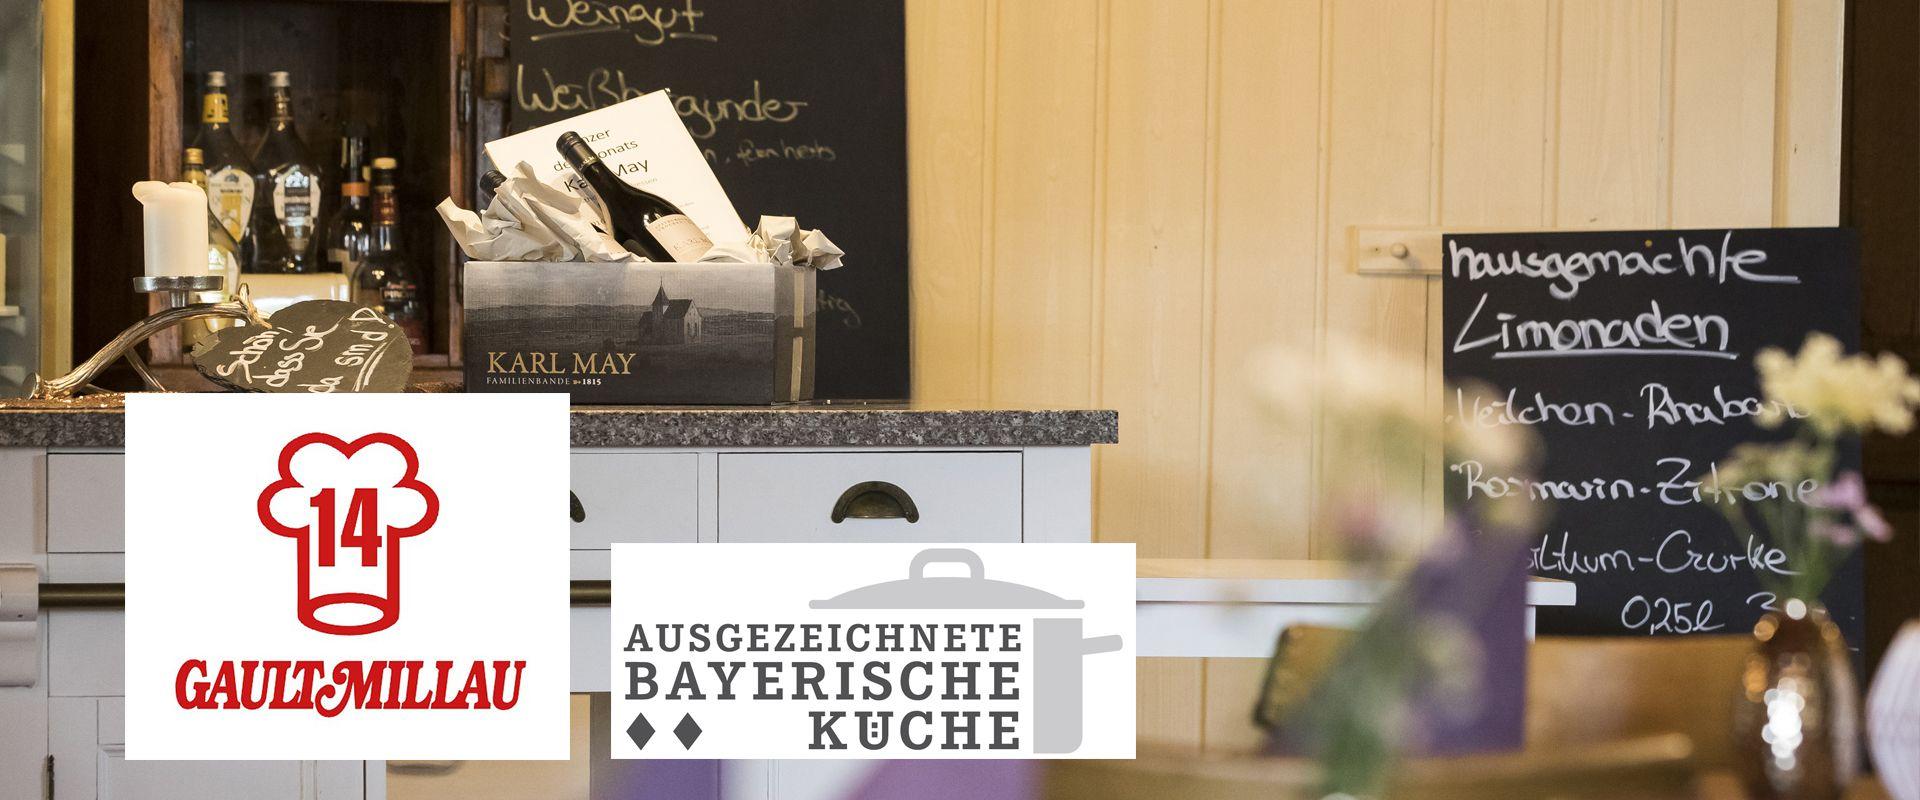 Hoffmanns Keller: Ausgezeichnete Gastronomie mit 14 Gault-Millau-Kochmützen